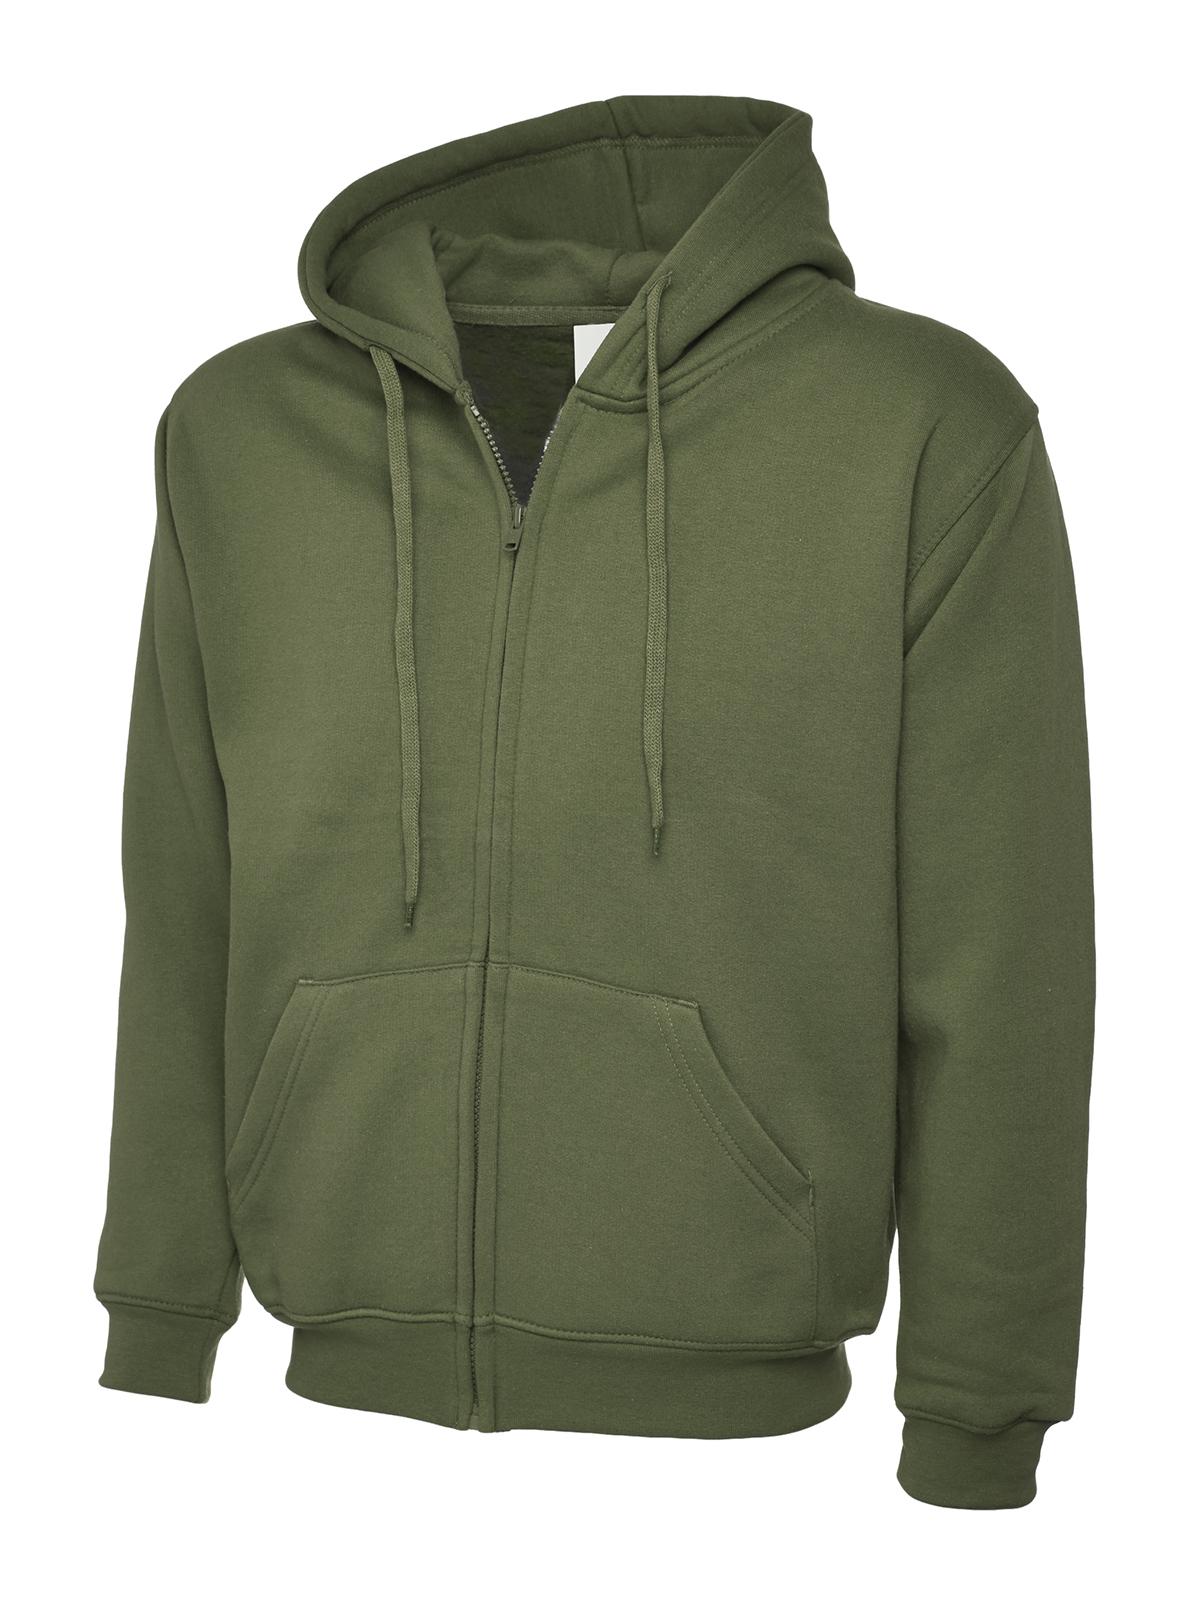 Zip Hooded Sweatshirt UC504